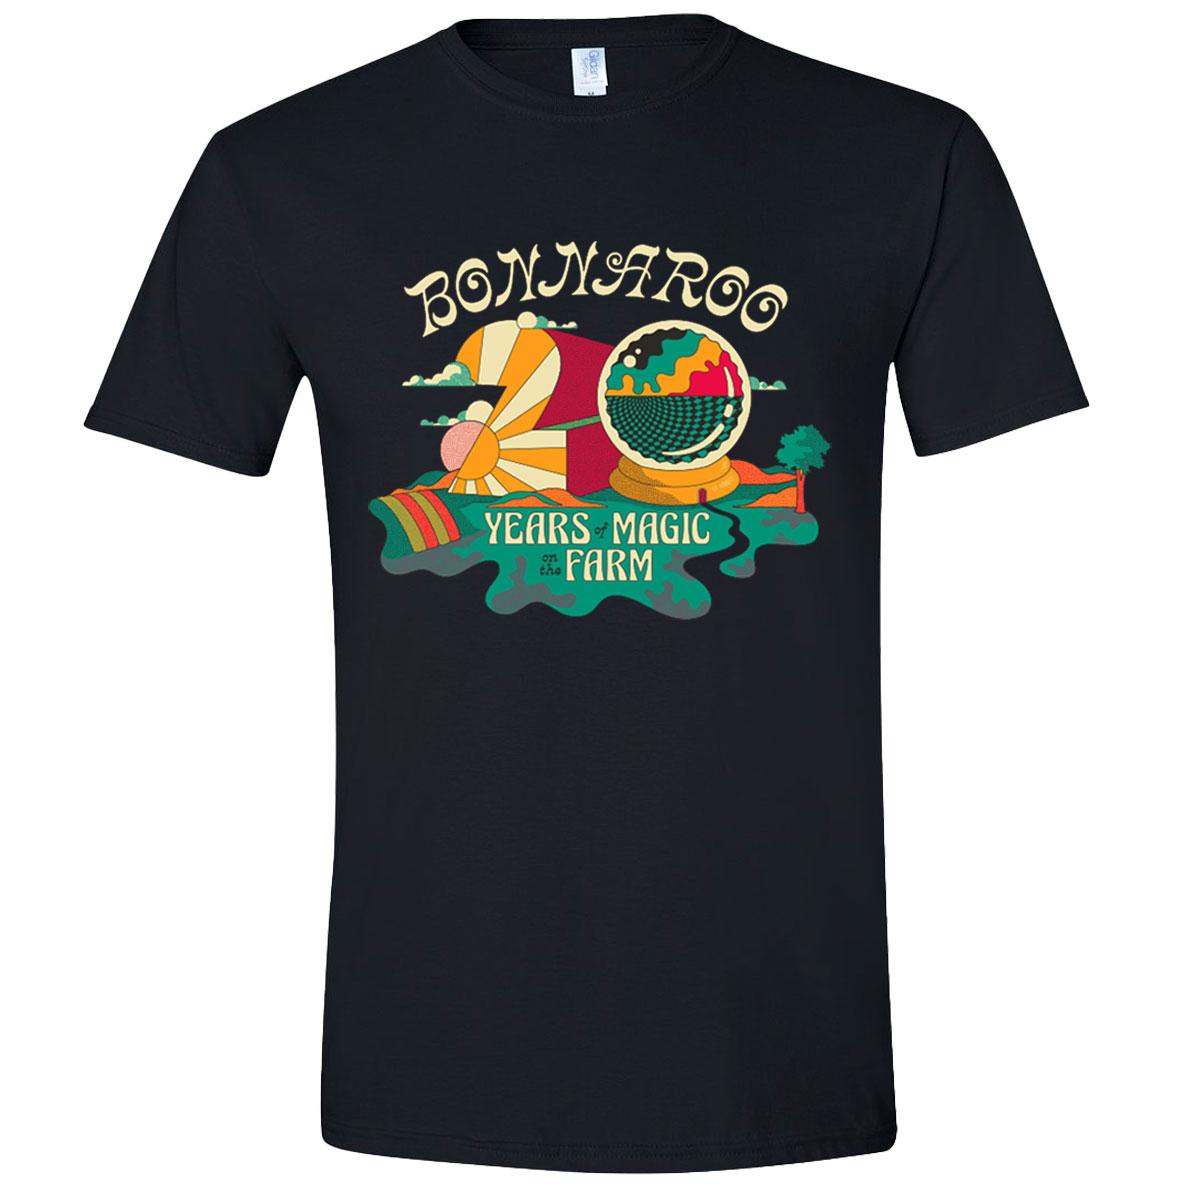 Bonnaroo 2021 Twenty Years of Magic Event Tee